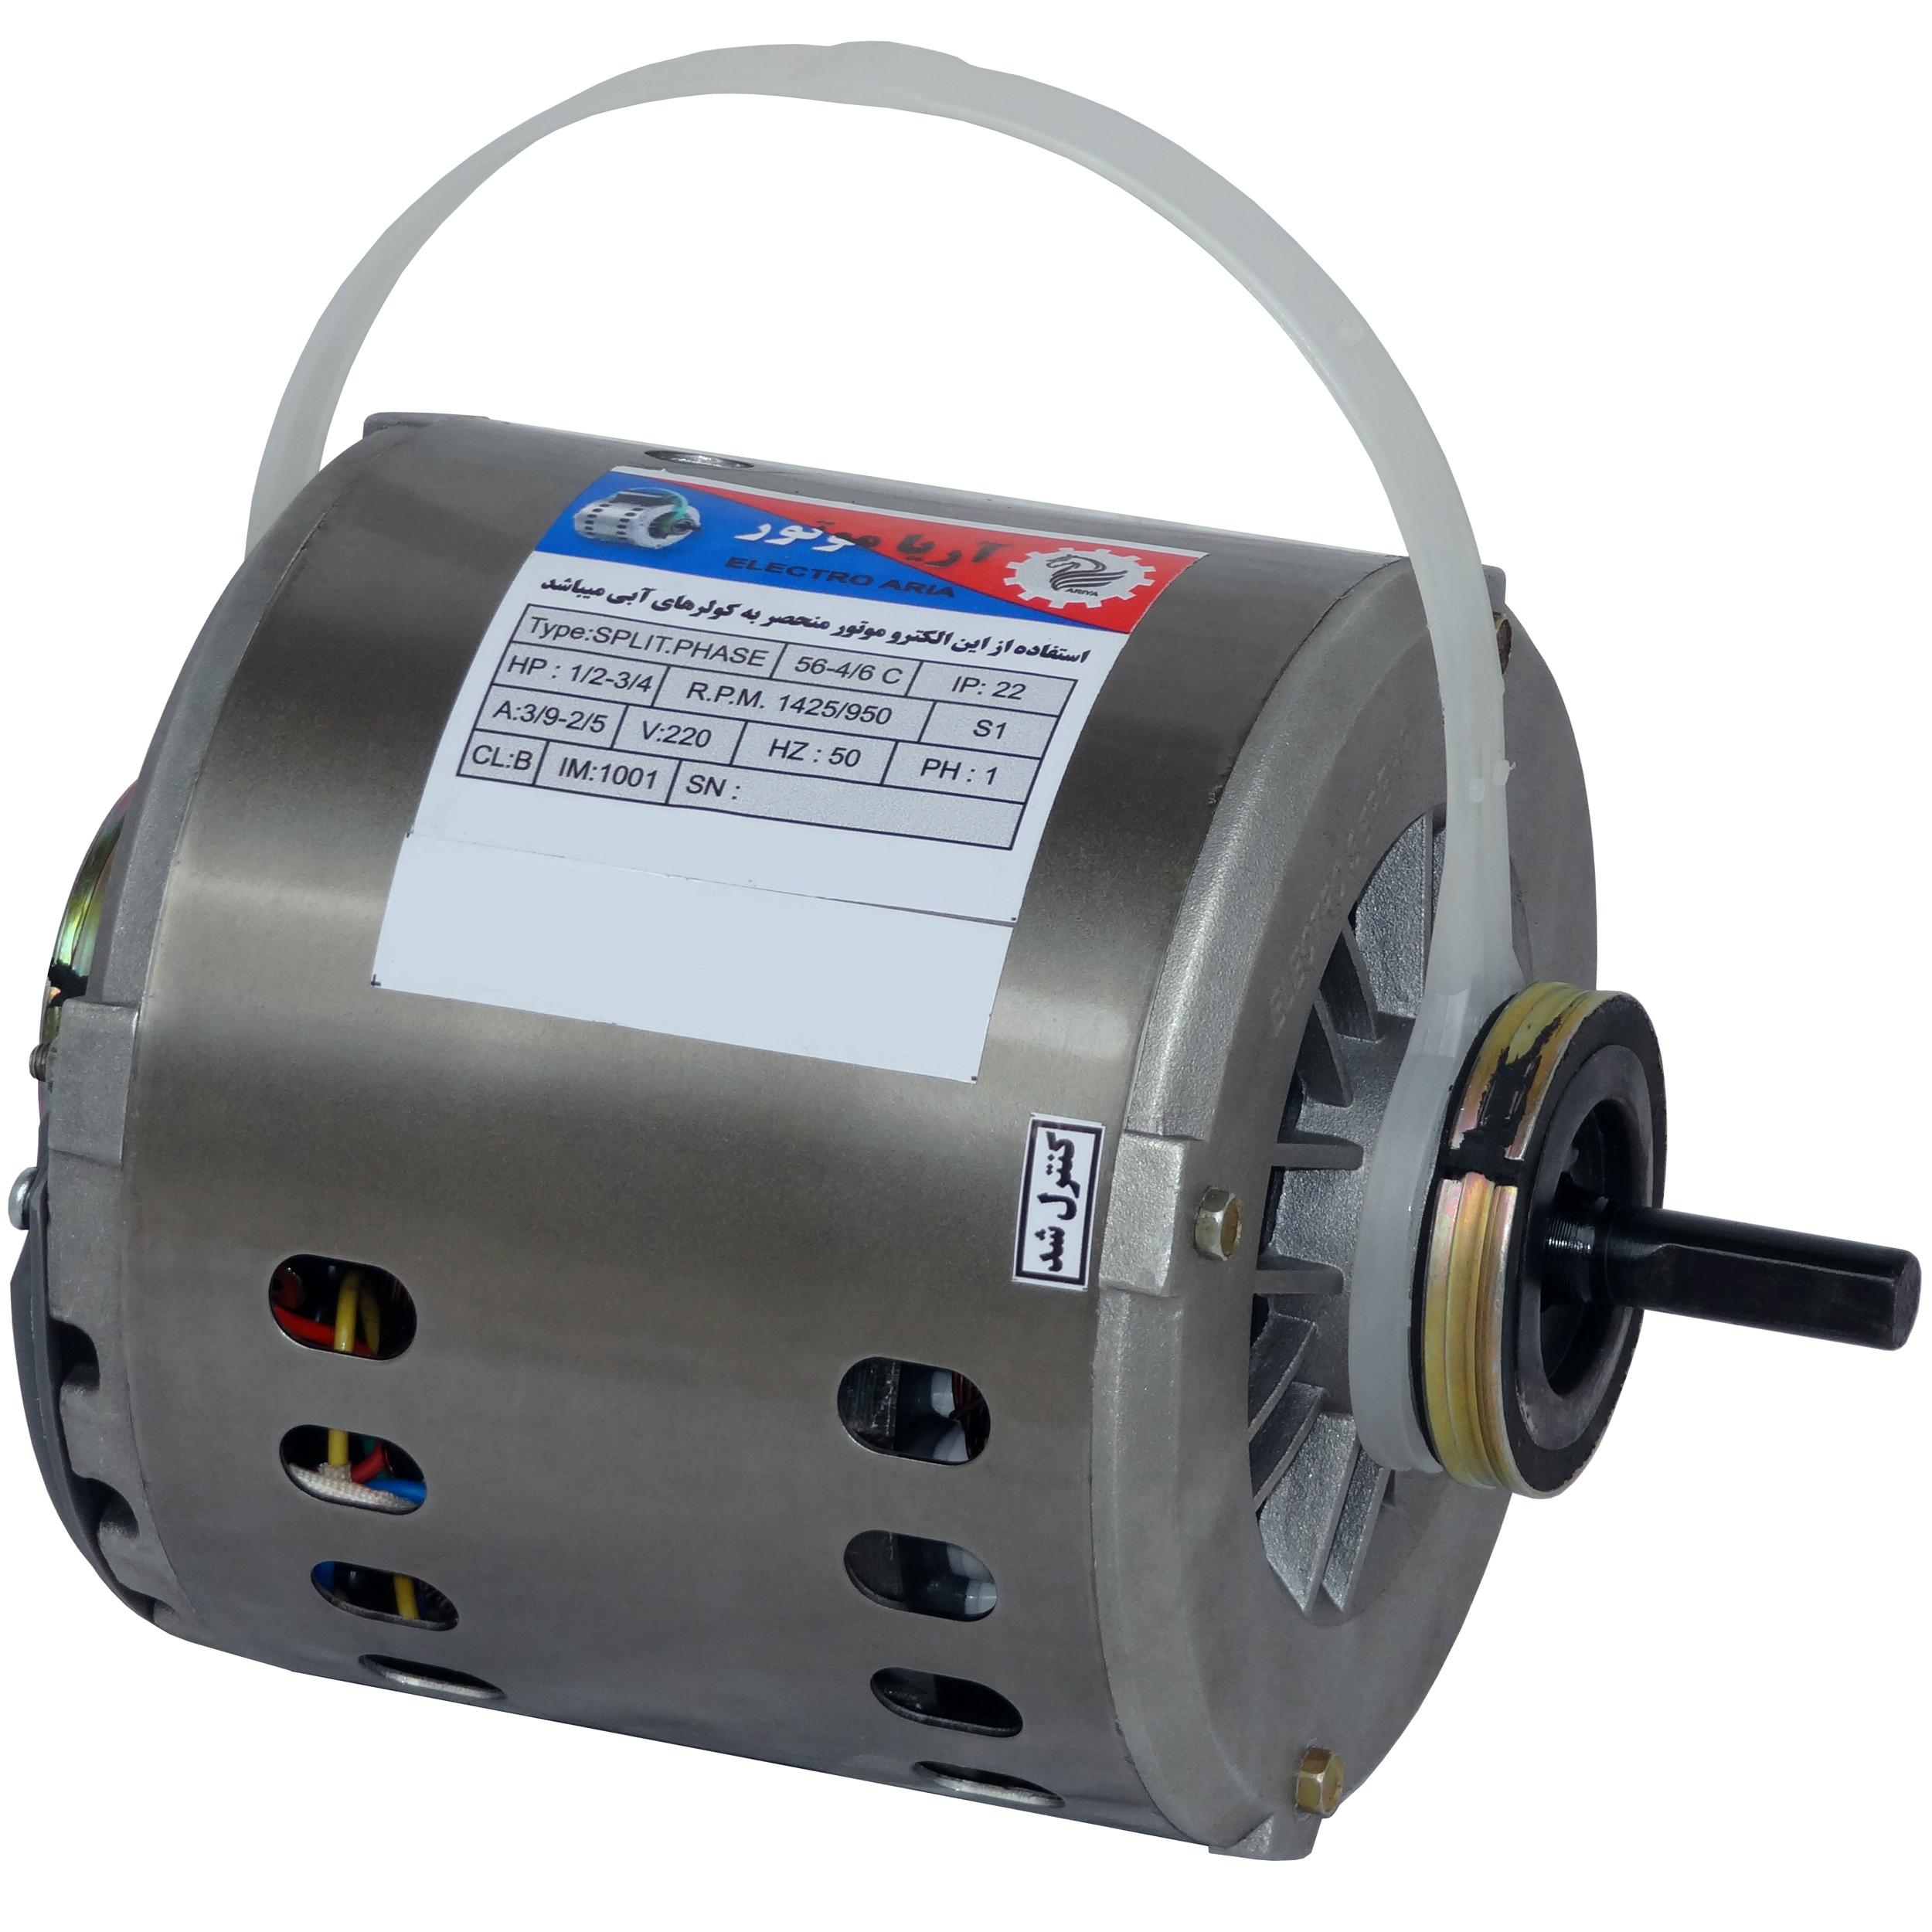 الکترو موتور کولر آبی آریا موتور مدل A1.2